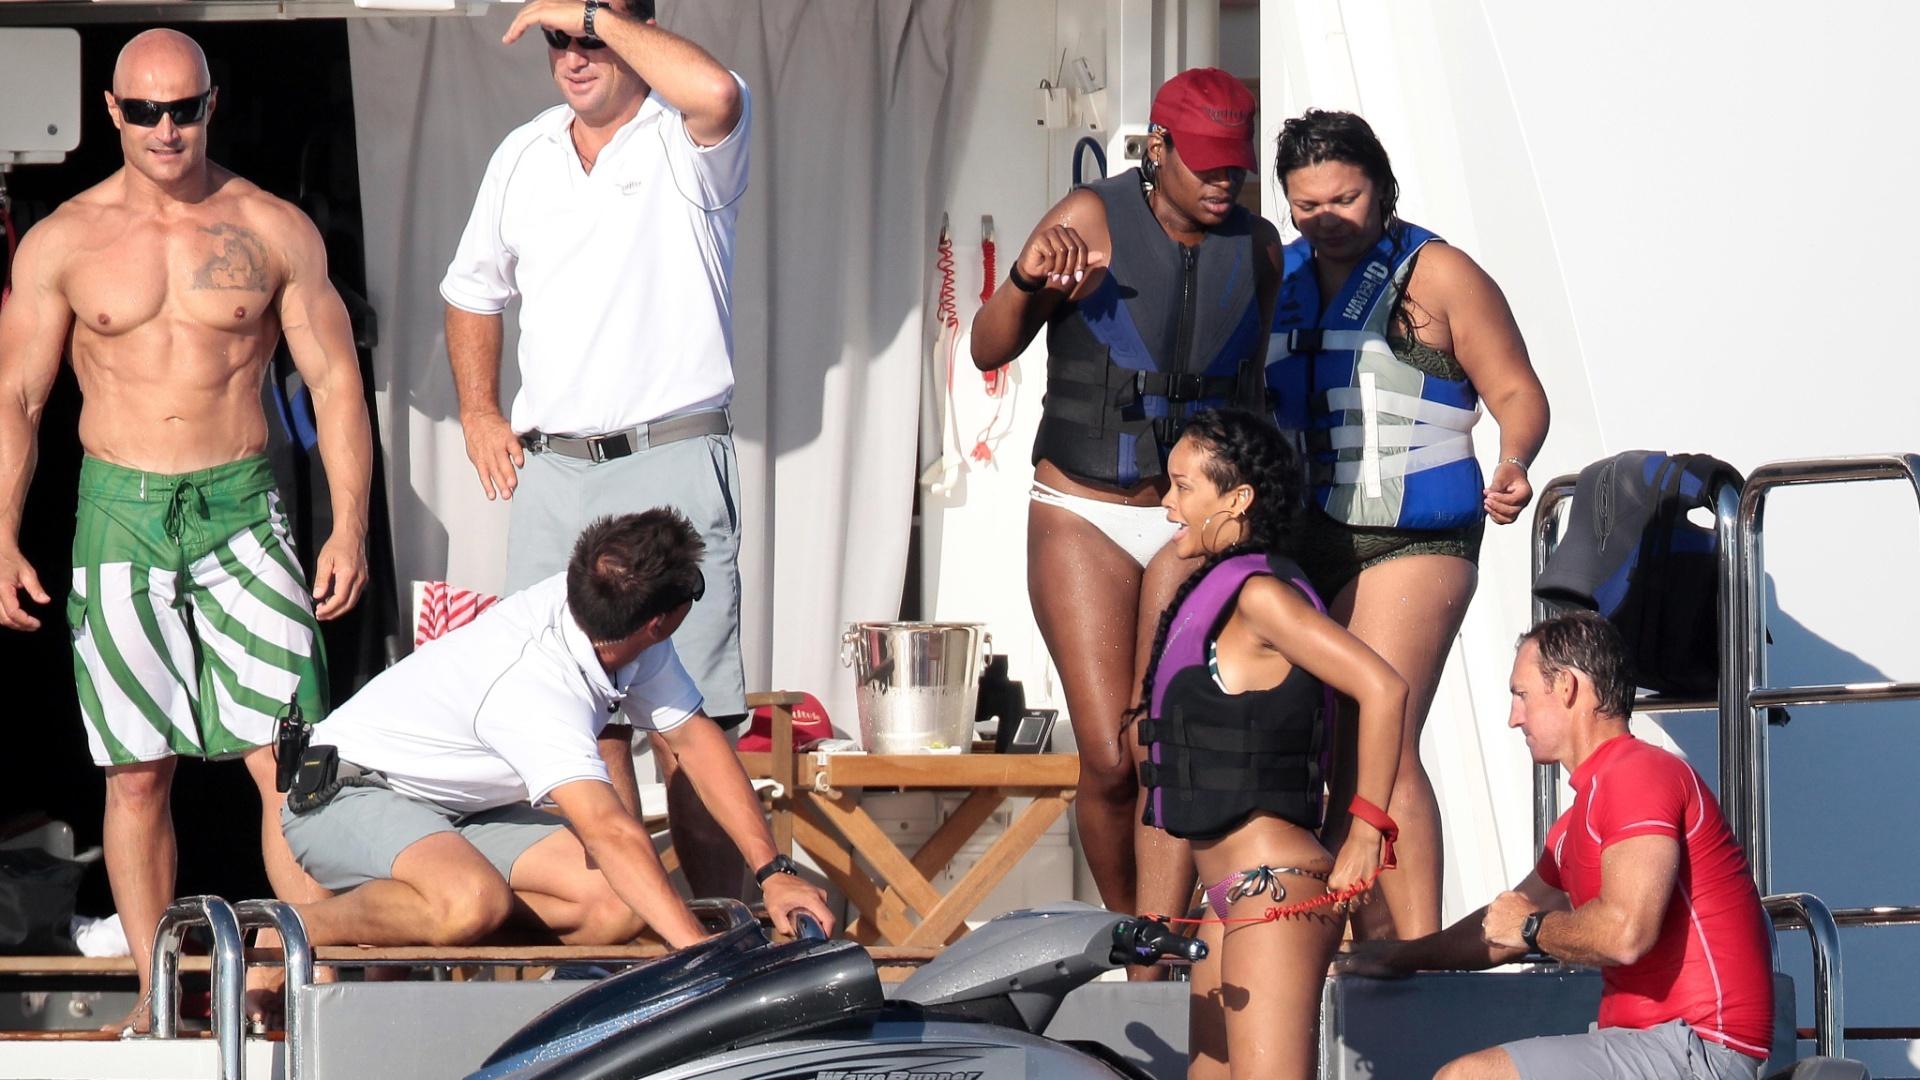 Cantora Rihanna deixa à mostra a boa forma e se diverte ao lado dos amigos em Saint Tropez, na França. Rihanna passeou de jet ski e deu muitas risadas (20/7/12)